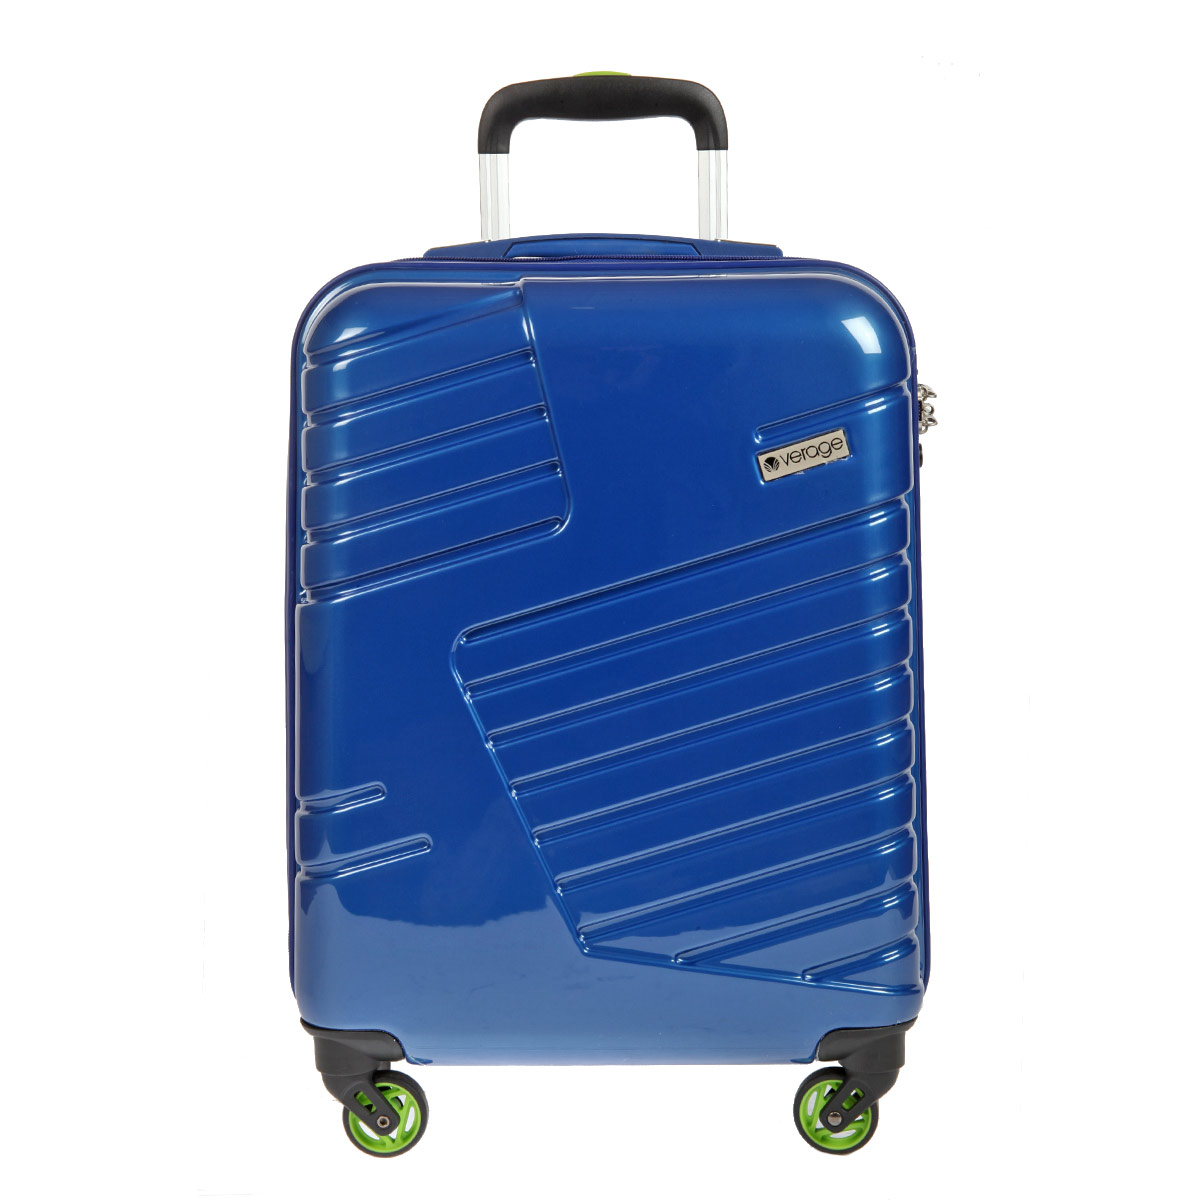 Чемодан-тележка Verage, цвет: синий, 31 л. GM14042w 20ГризлиЧемодан-тележка Verage оснащен четырьмя колесиками, вращающимися на 360°. Закрывается по периметру на двухстороннюю молнию. Верхняя и боковая ручки обеспечивают удобство транспортировки. Внутри два отдела для одежды, которая фиксируется эластичными резинками на застежках. Также внутри расположен один сетчатый карман на застежке-молнии. Встроенный кодовый замок с функцией TSA. Чемодан оснащен выдвижной ручкой, максимальная высота которой 57 см.